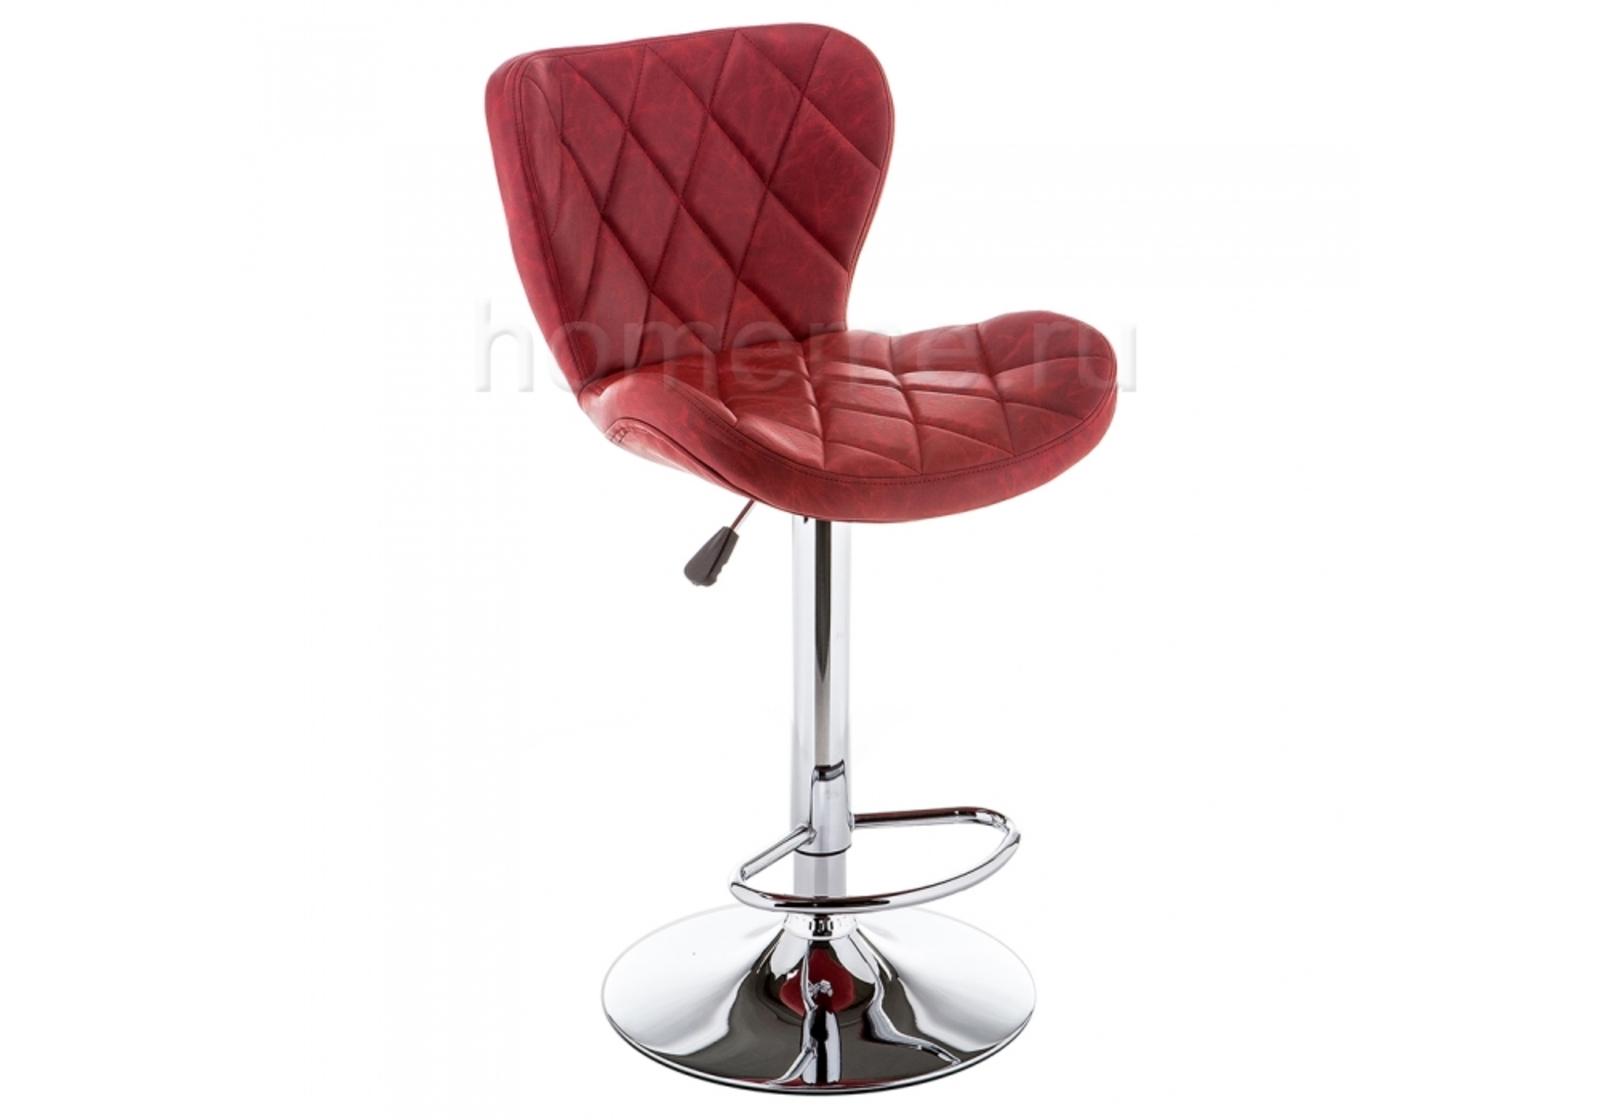 Барный стул Porch красный 11299 Porch красный 11299 (15693)